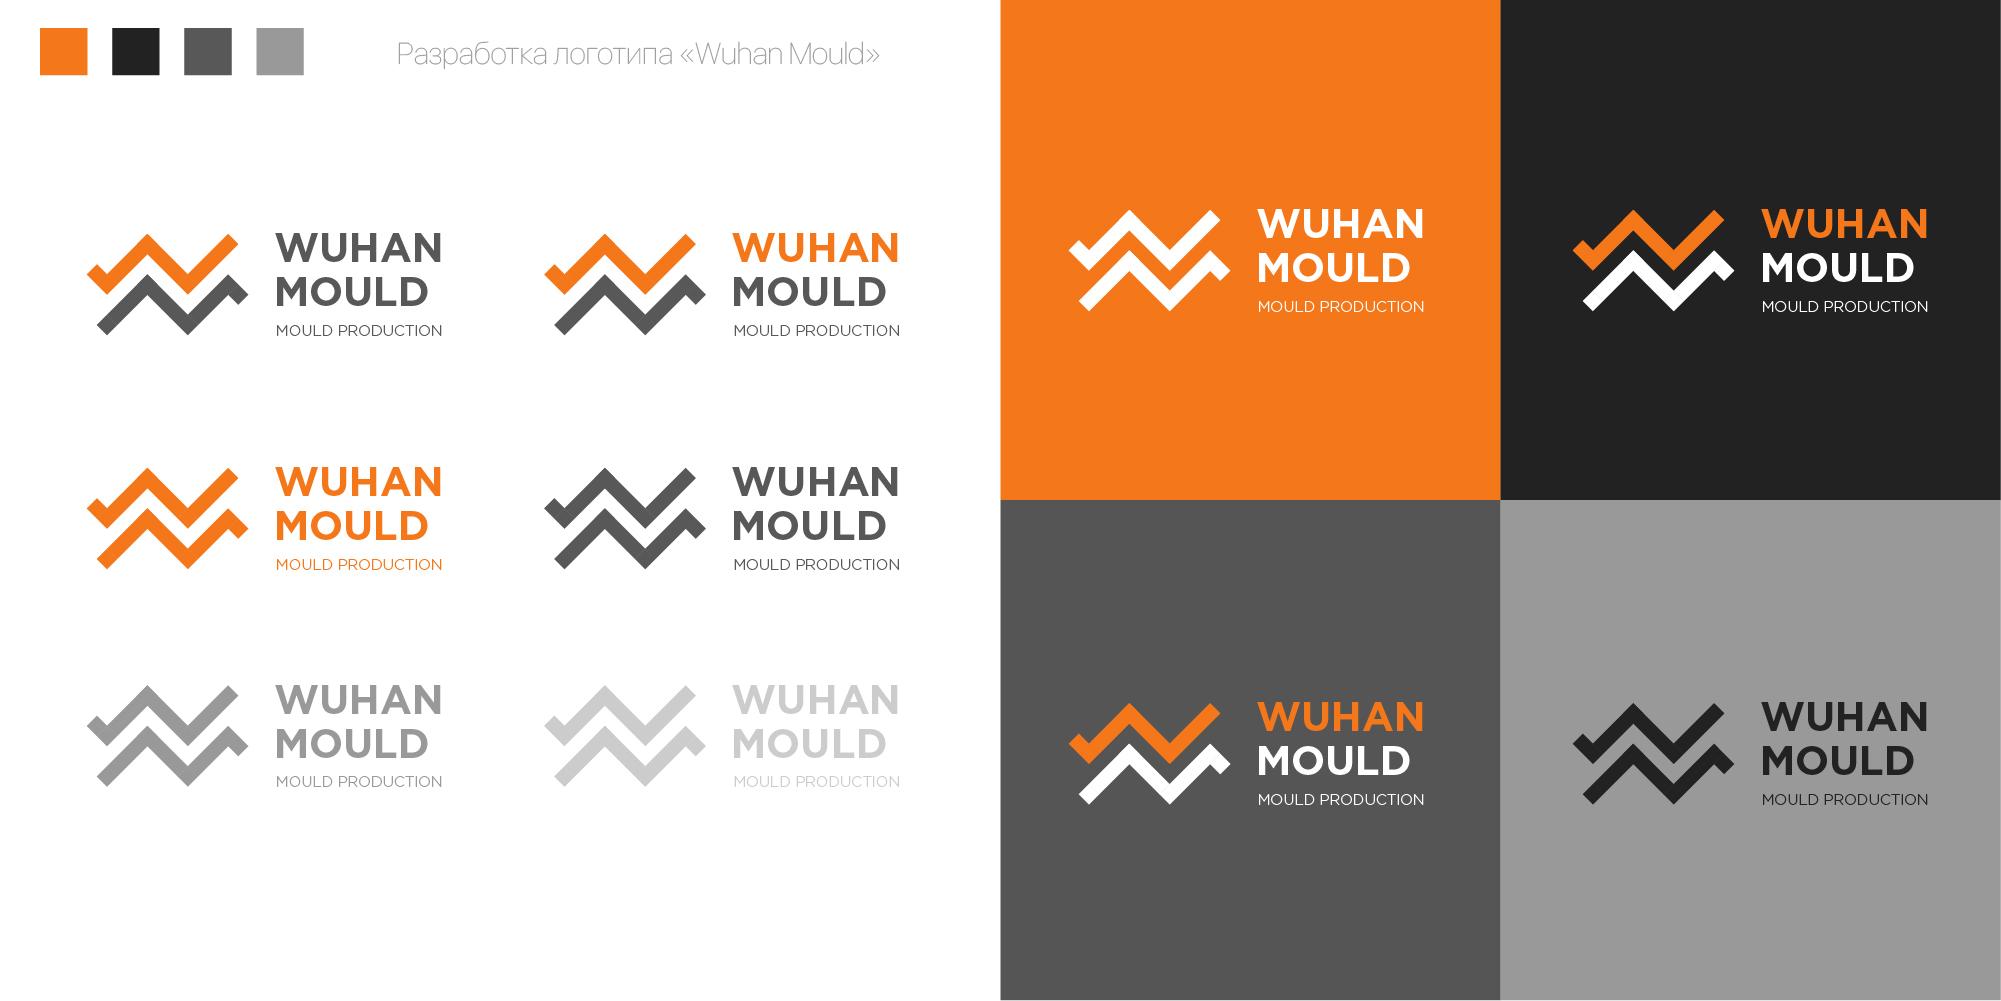 Создать логотип для фабрики пресс-форм фото f_113598a11e346aab.jpg